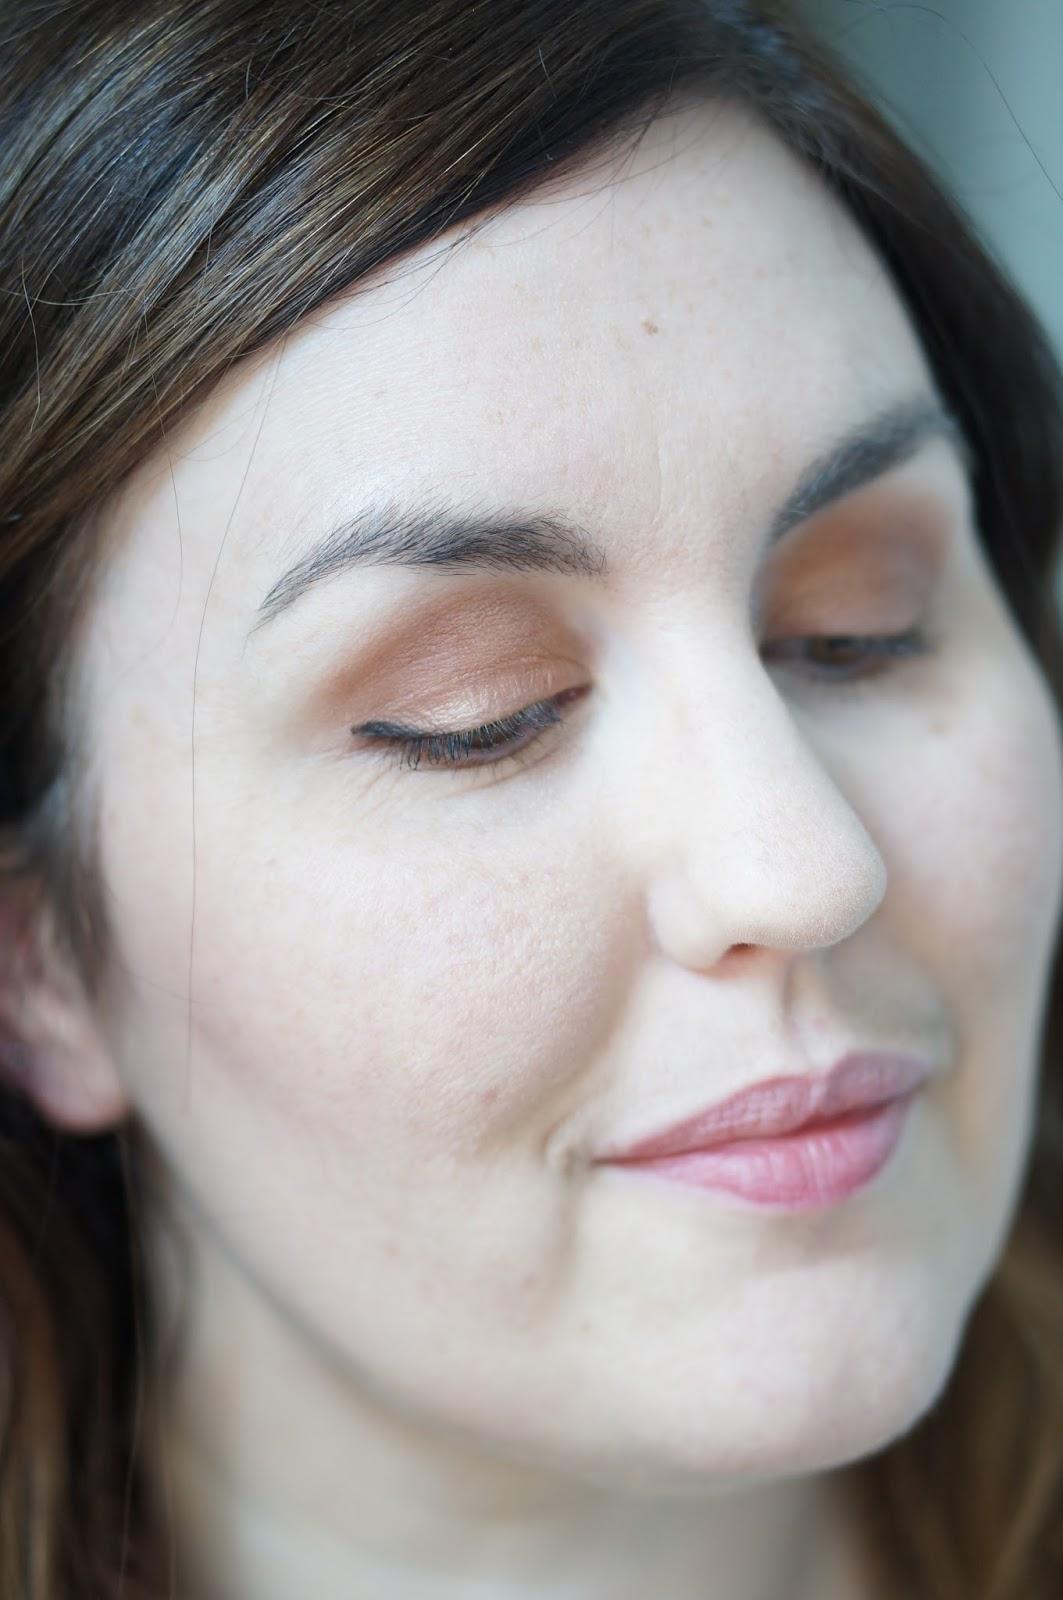 Rebecca Lately Rodial Makeup Eyeshadow Palette Banana Powder Smokey Eye Pen